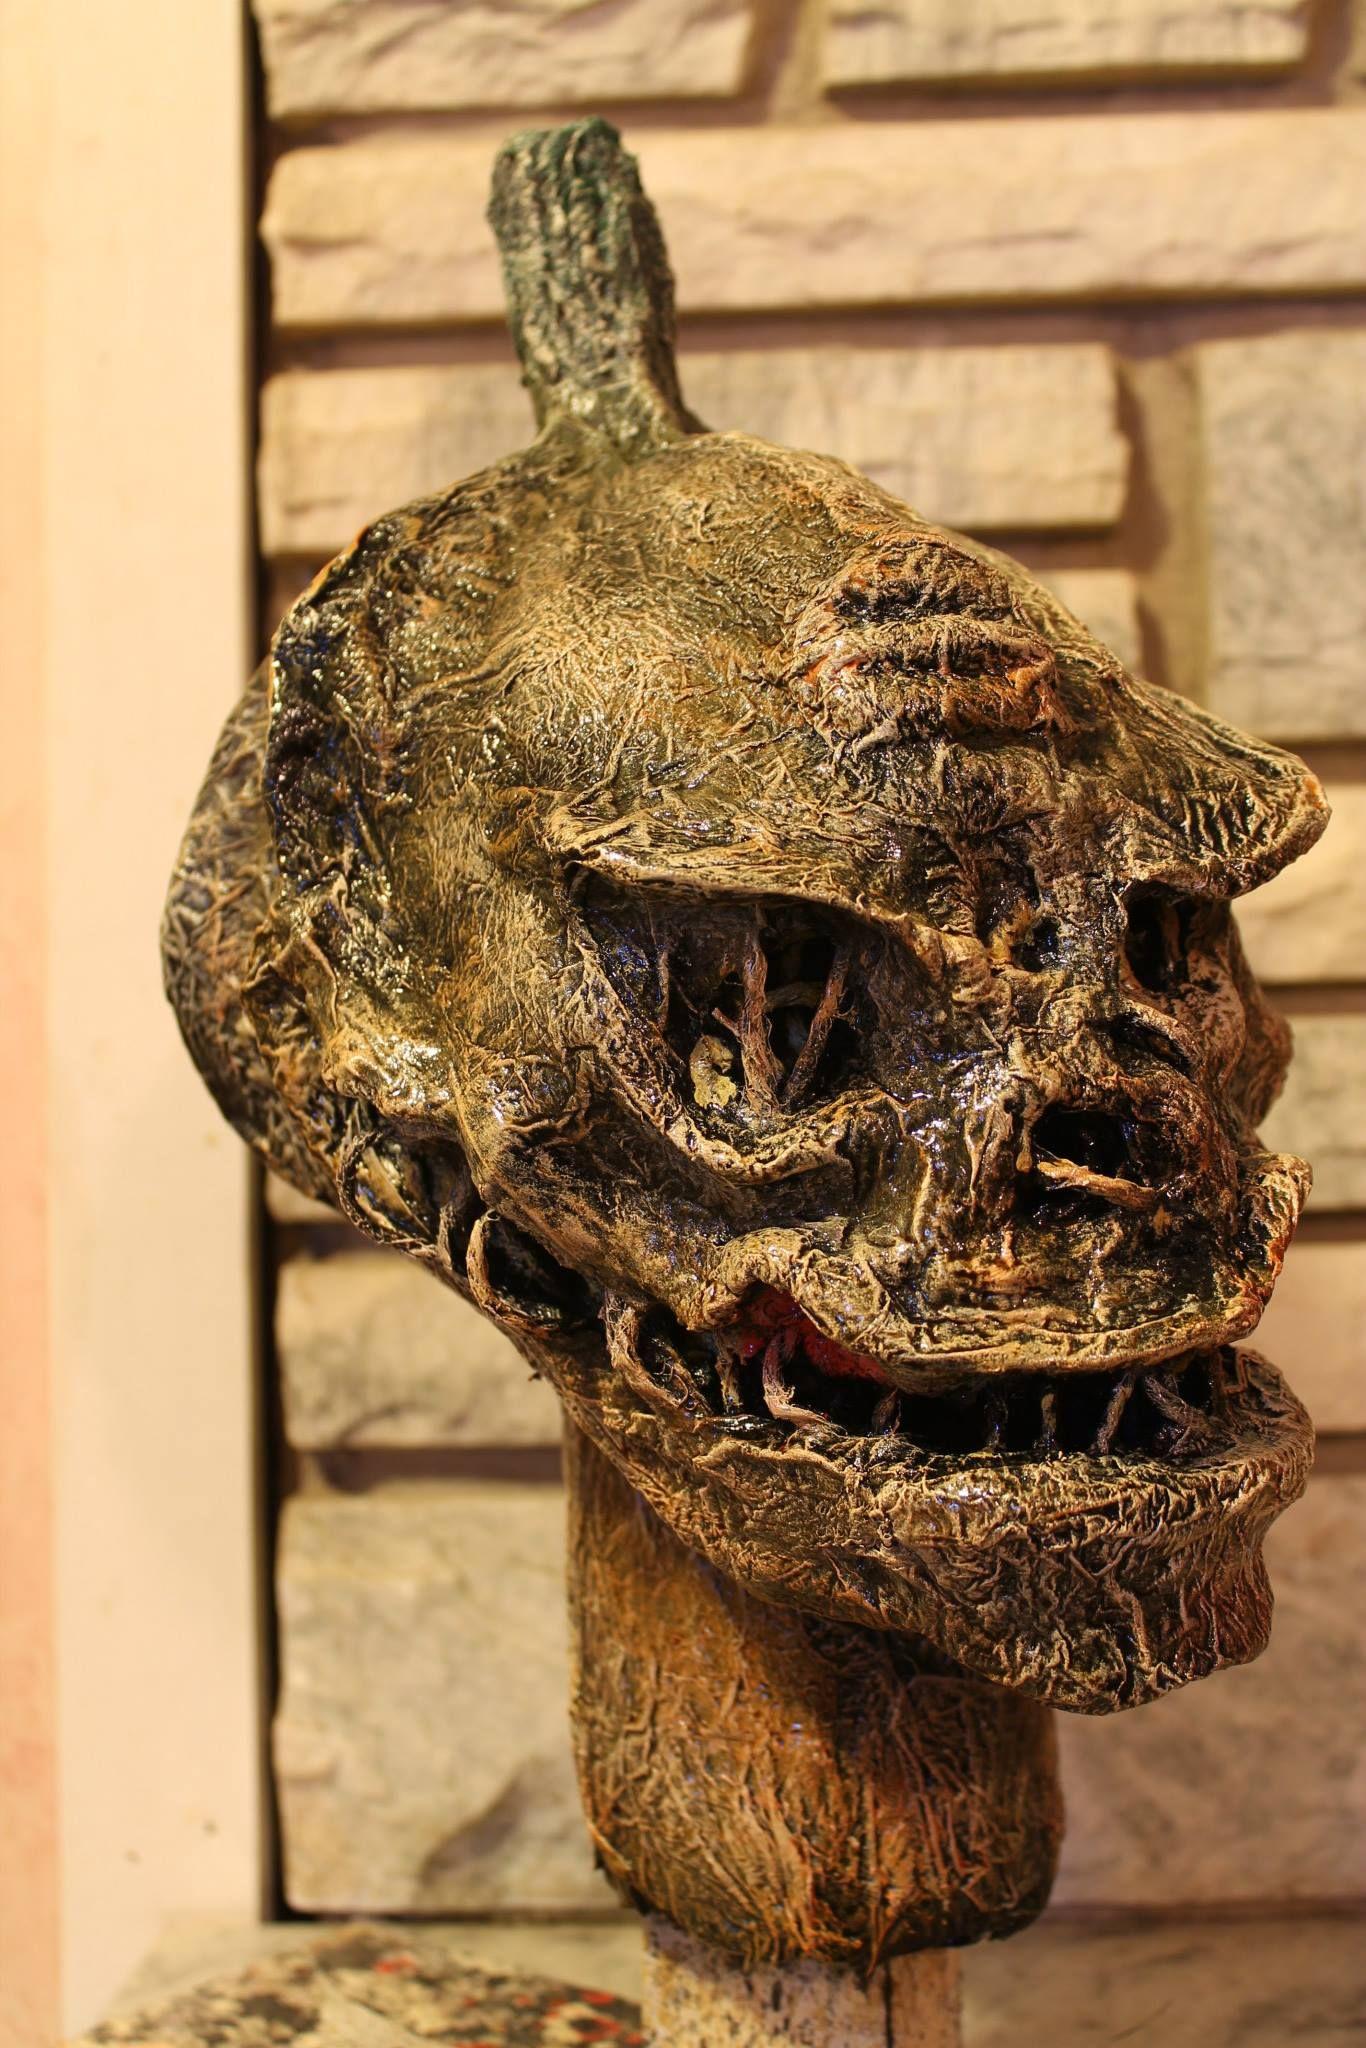 Pumpkin Head - Made out of paper mache